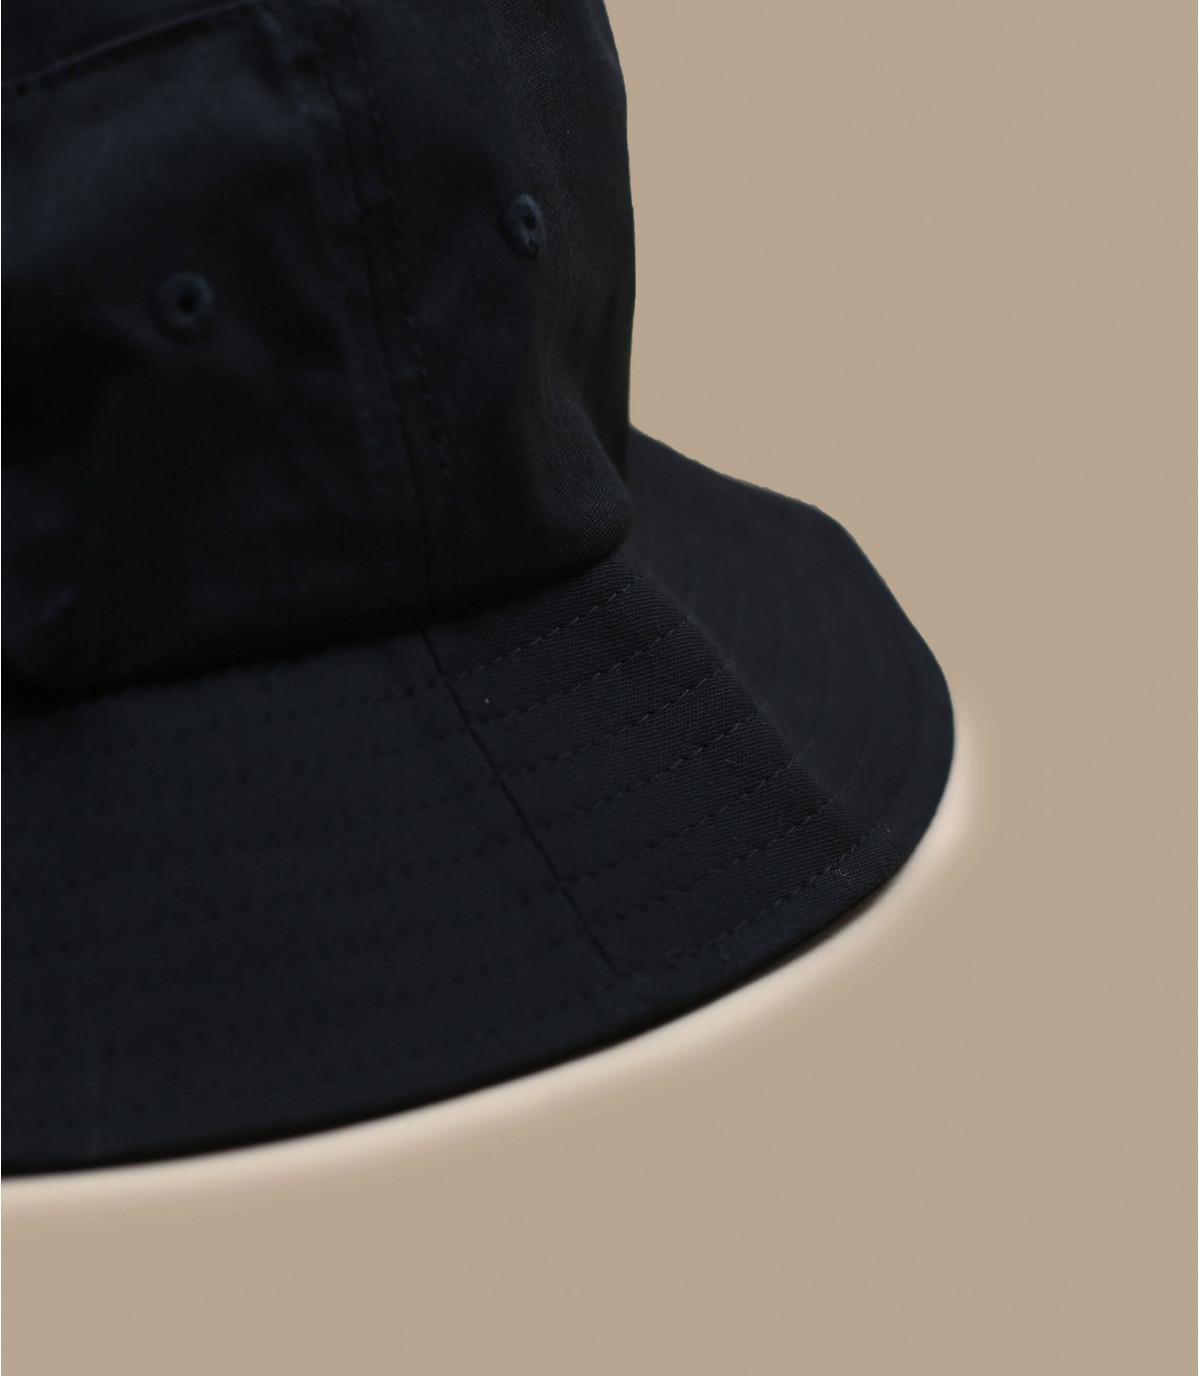 Détails Bob noir flexfit wm - image 2